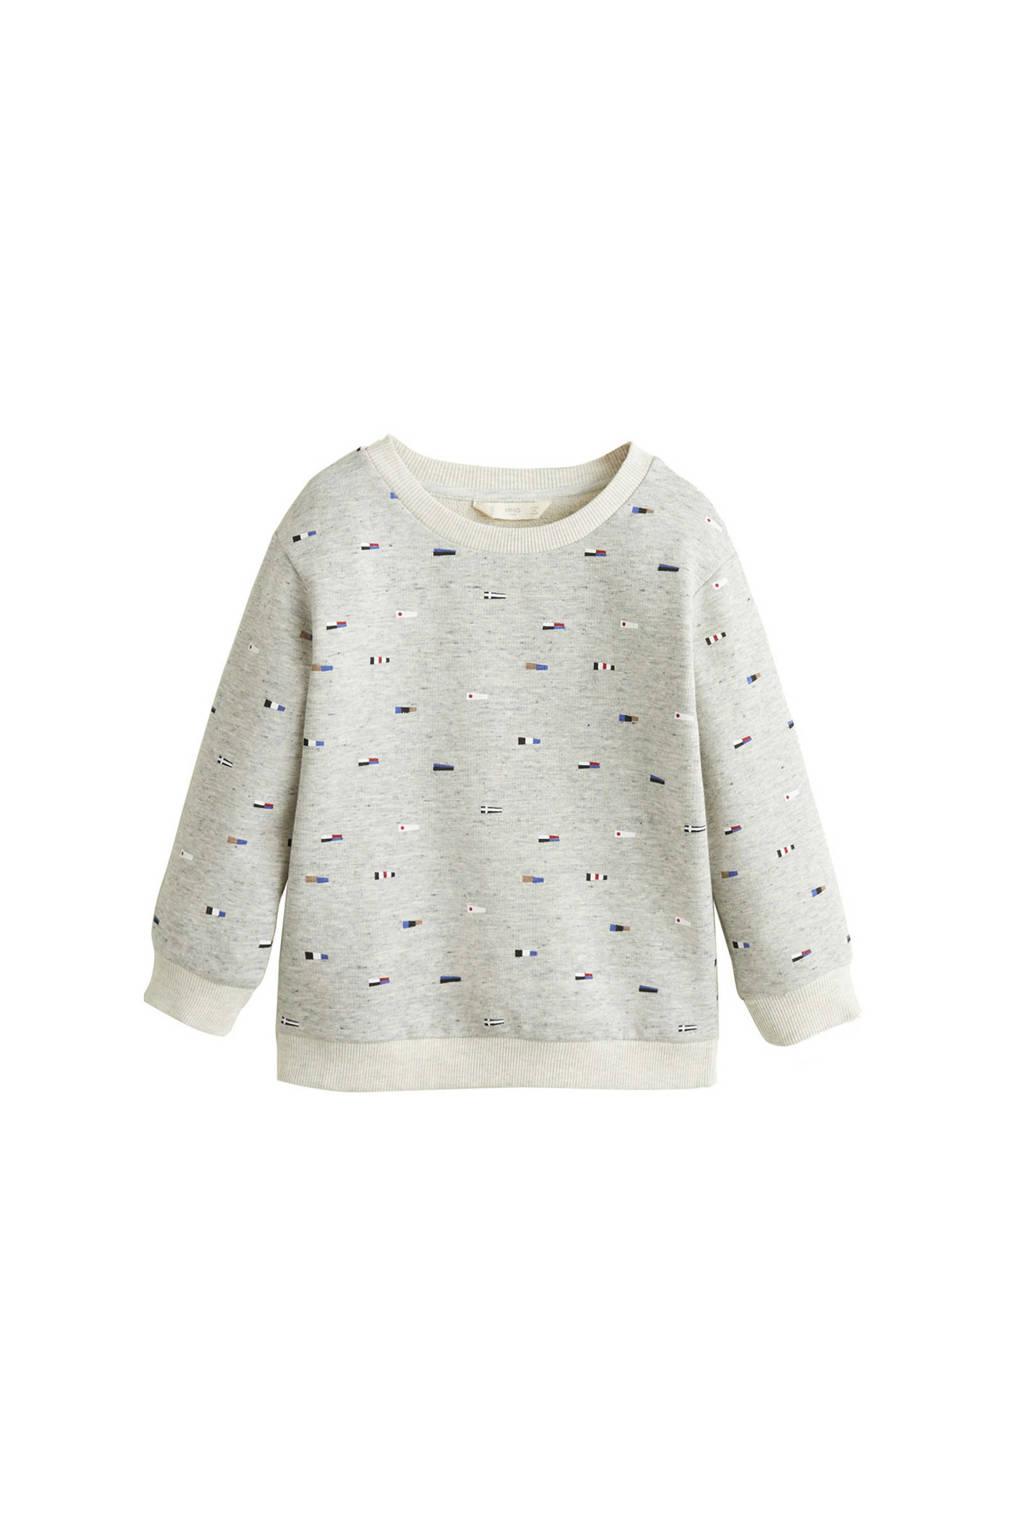 Mango Kids sweater met all over print grijs, Grijs melange